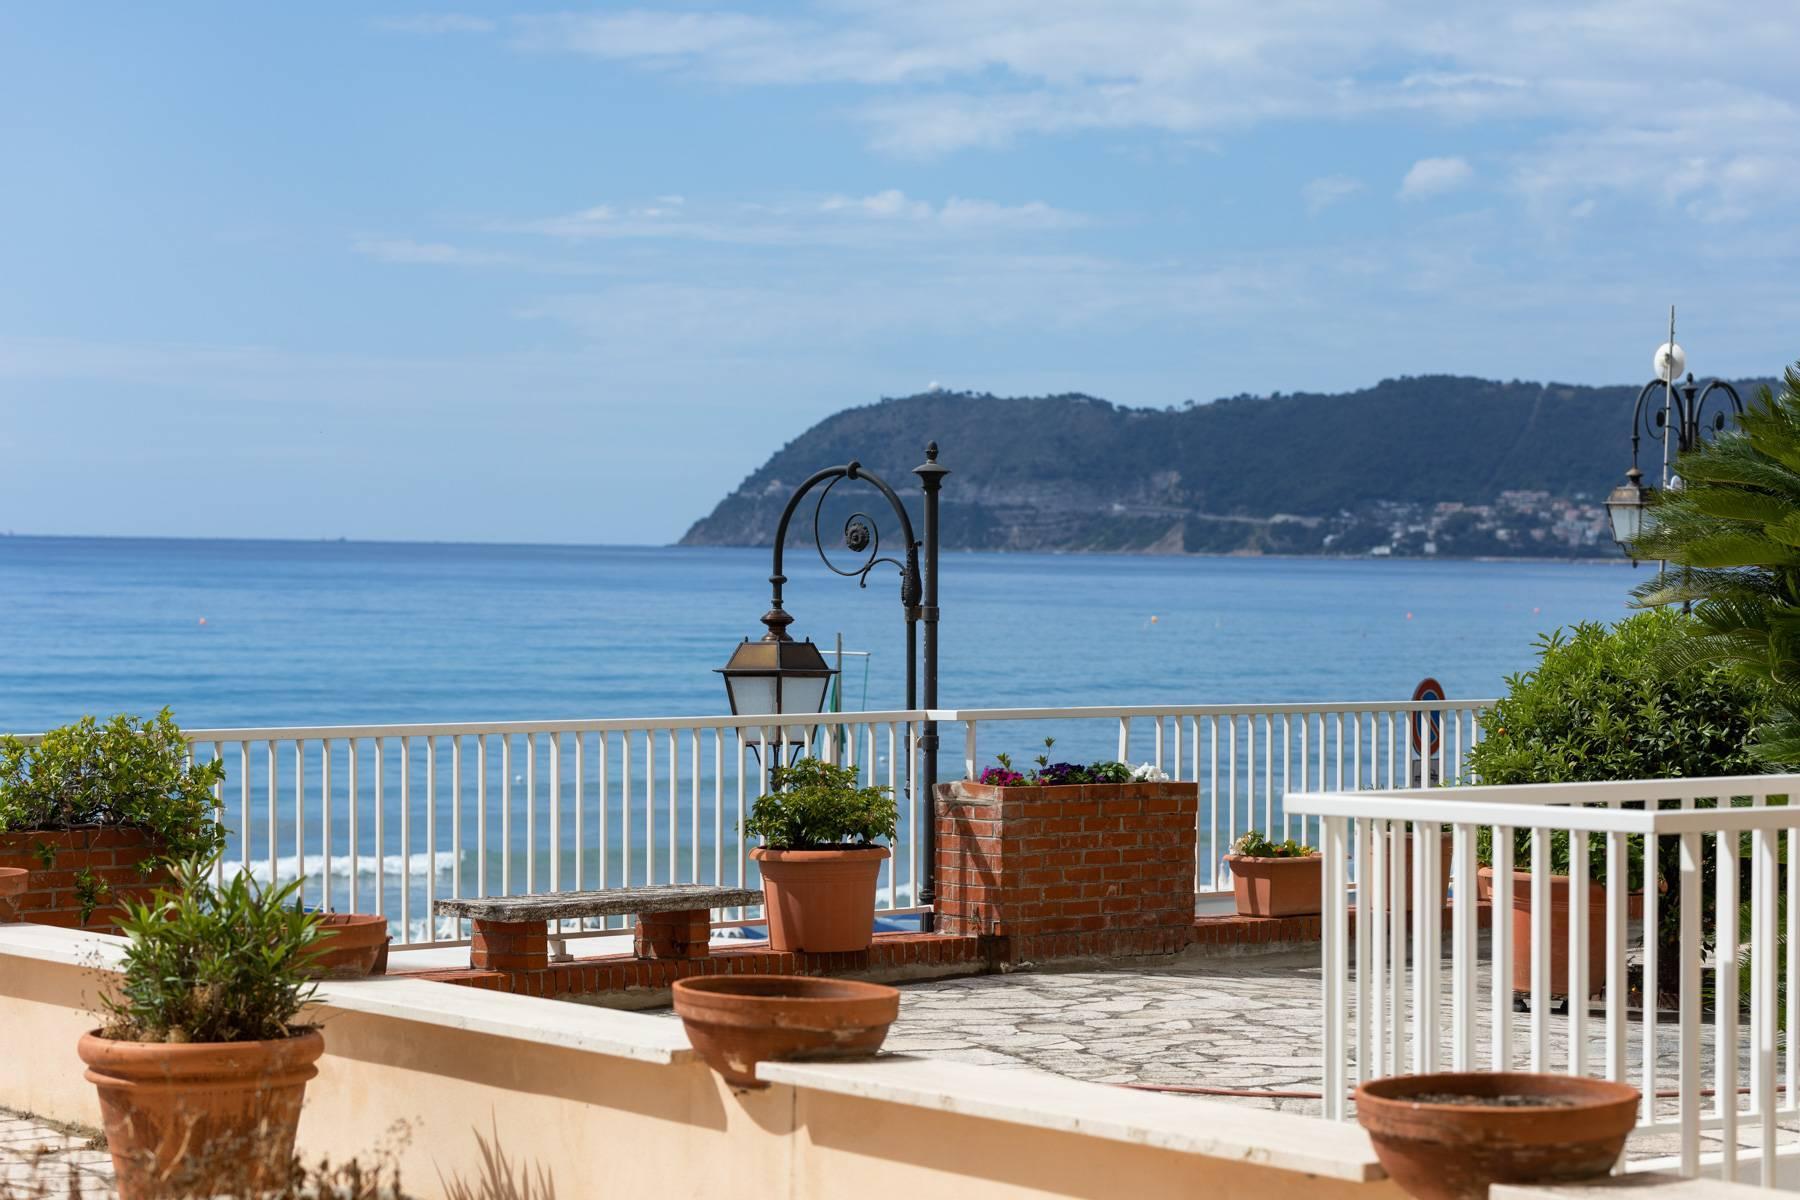 Wohnung am Meer mit wunderscöner Terrasse - 1